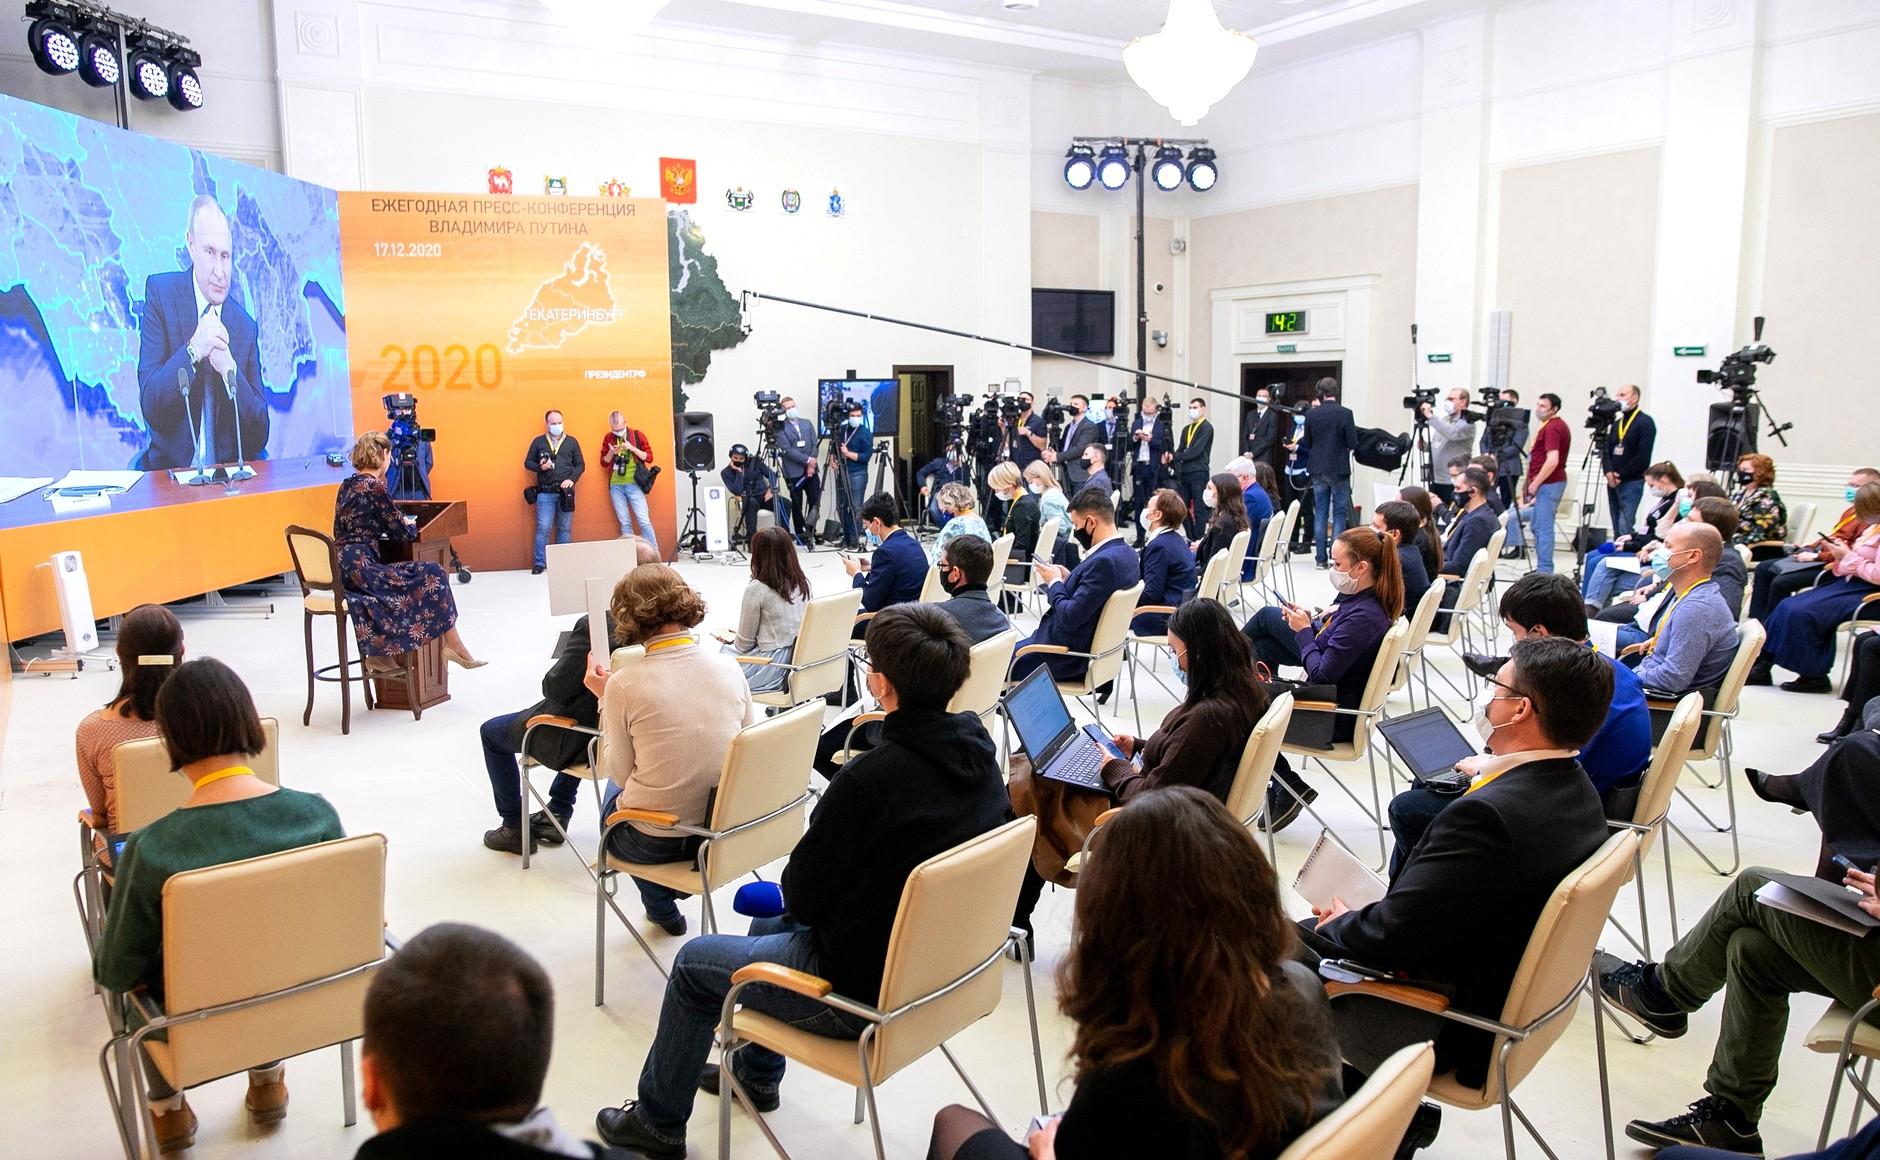 RUSSIE 17.12.2020.CONFERENCE 41 XX 66 Avant le début de la conférence de presse annuelle de Vladimir Poutine.